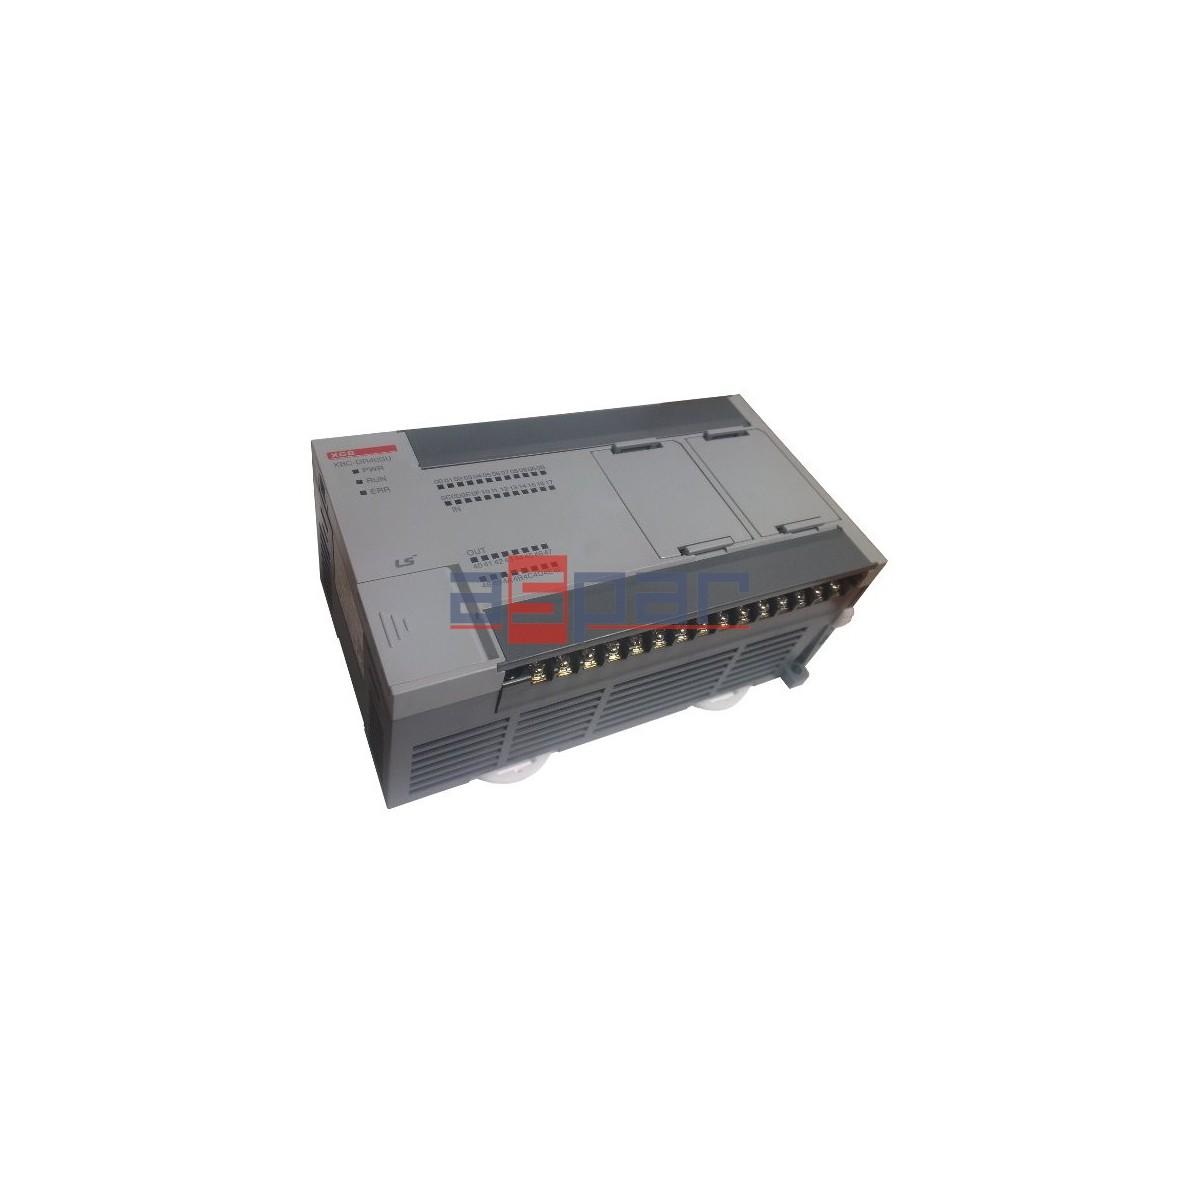 XBC-DR40SU - CPU 24 I/16 O relay